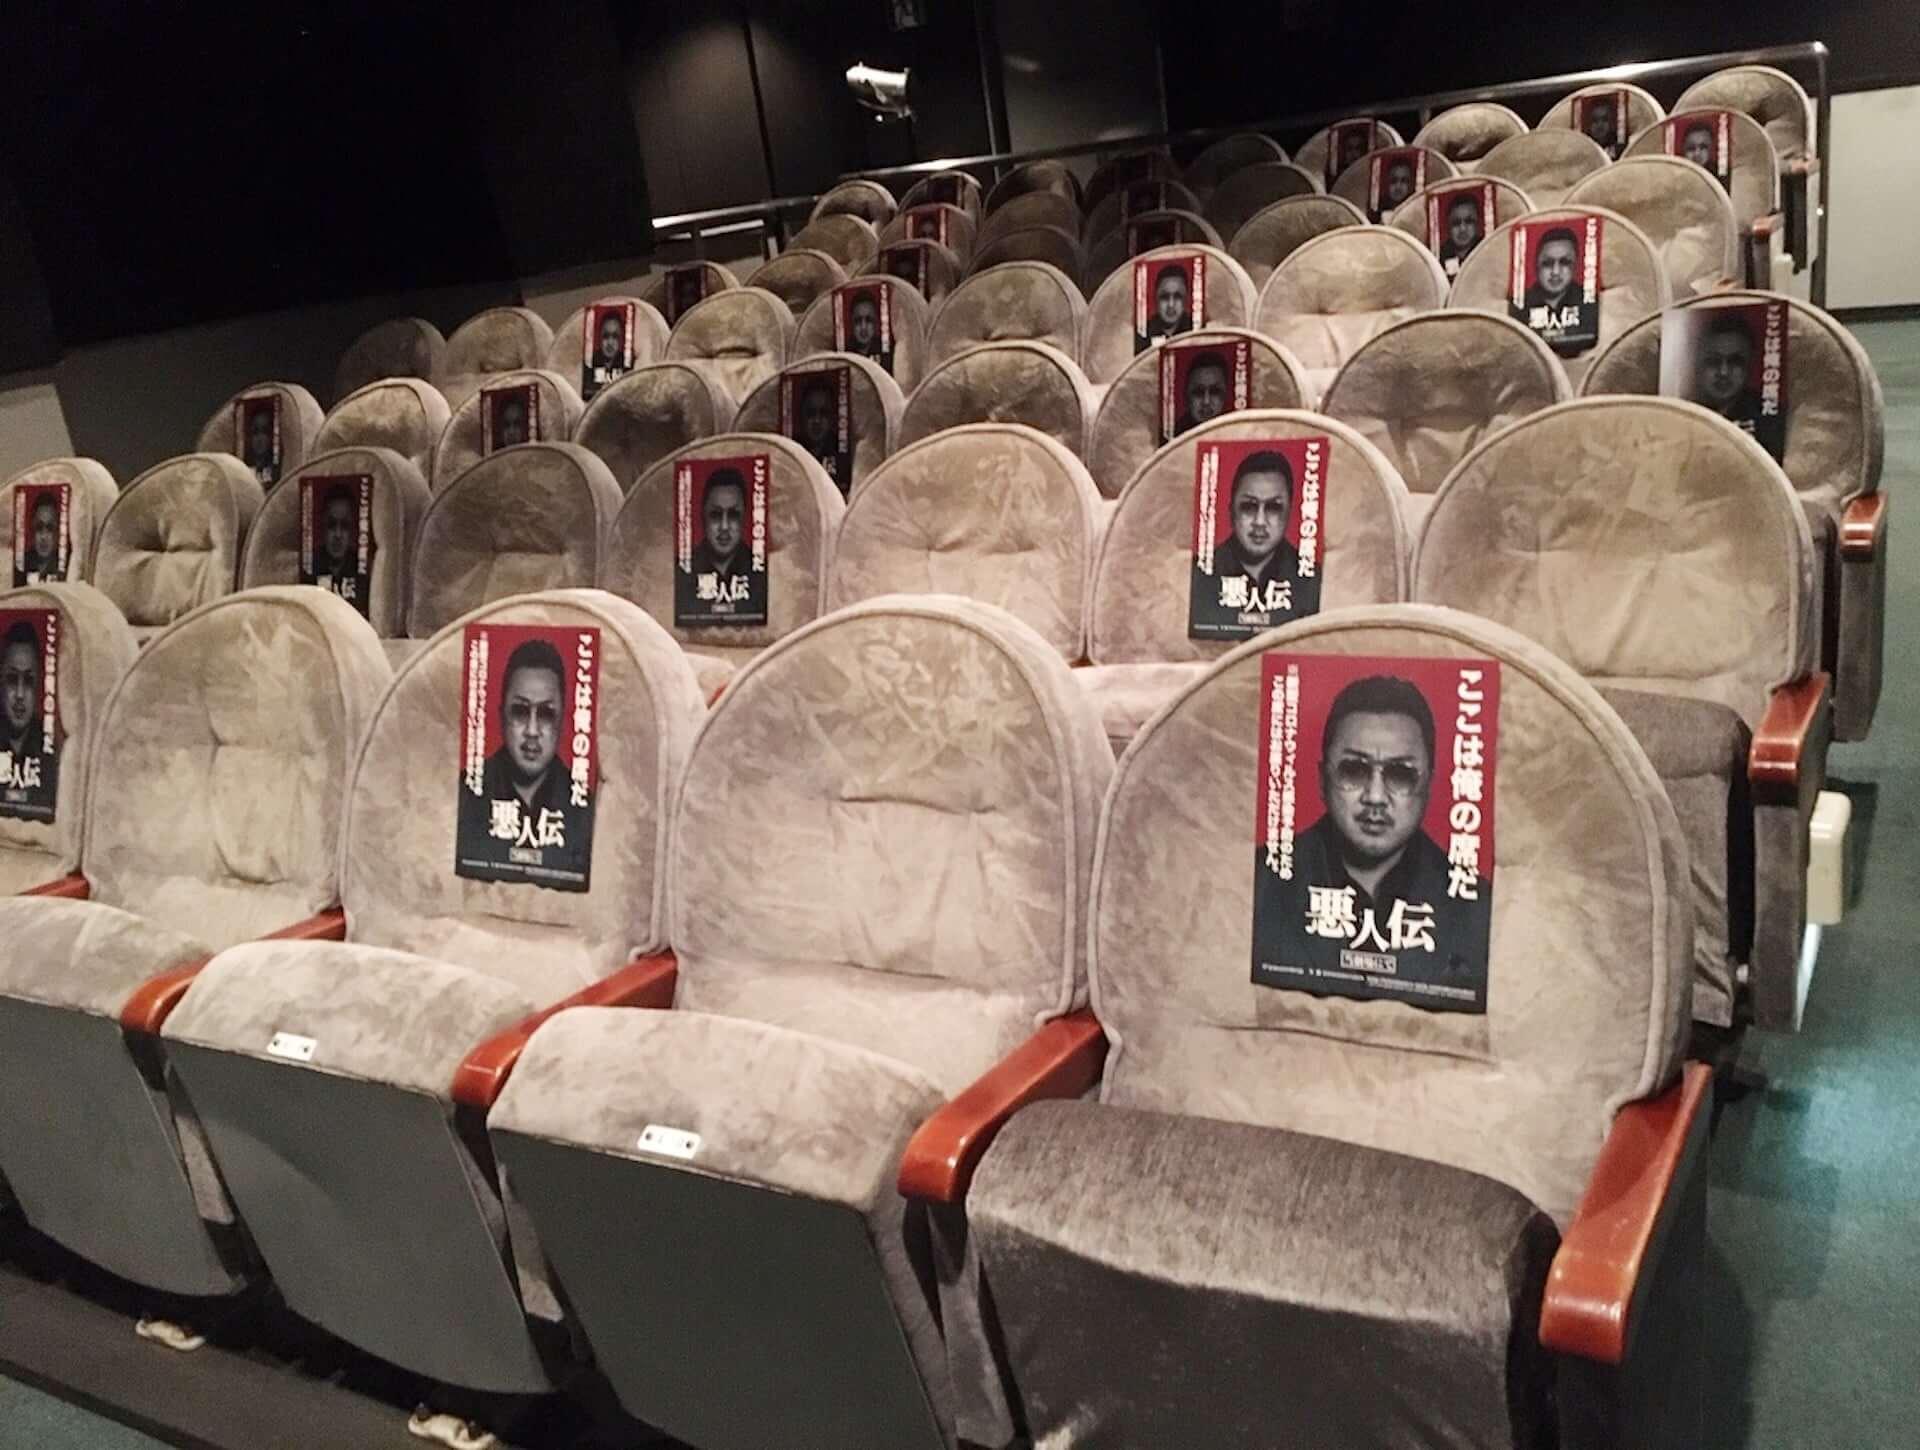 隣の席にマ・ドンソク現る!異例の大ヒットを遂げた韓国映画『悪人伝』のソーシャルディスタンスパネルが劇場に設置決定 film200619_akuninden_21-1920x1450